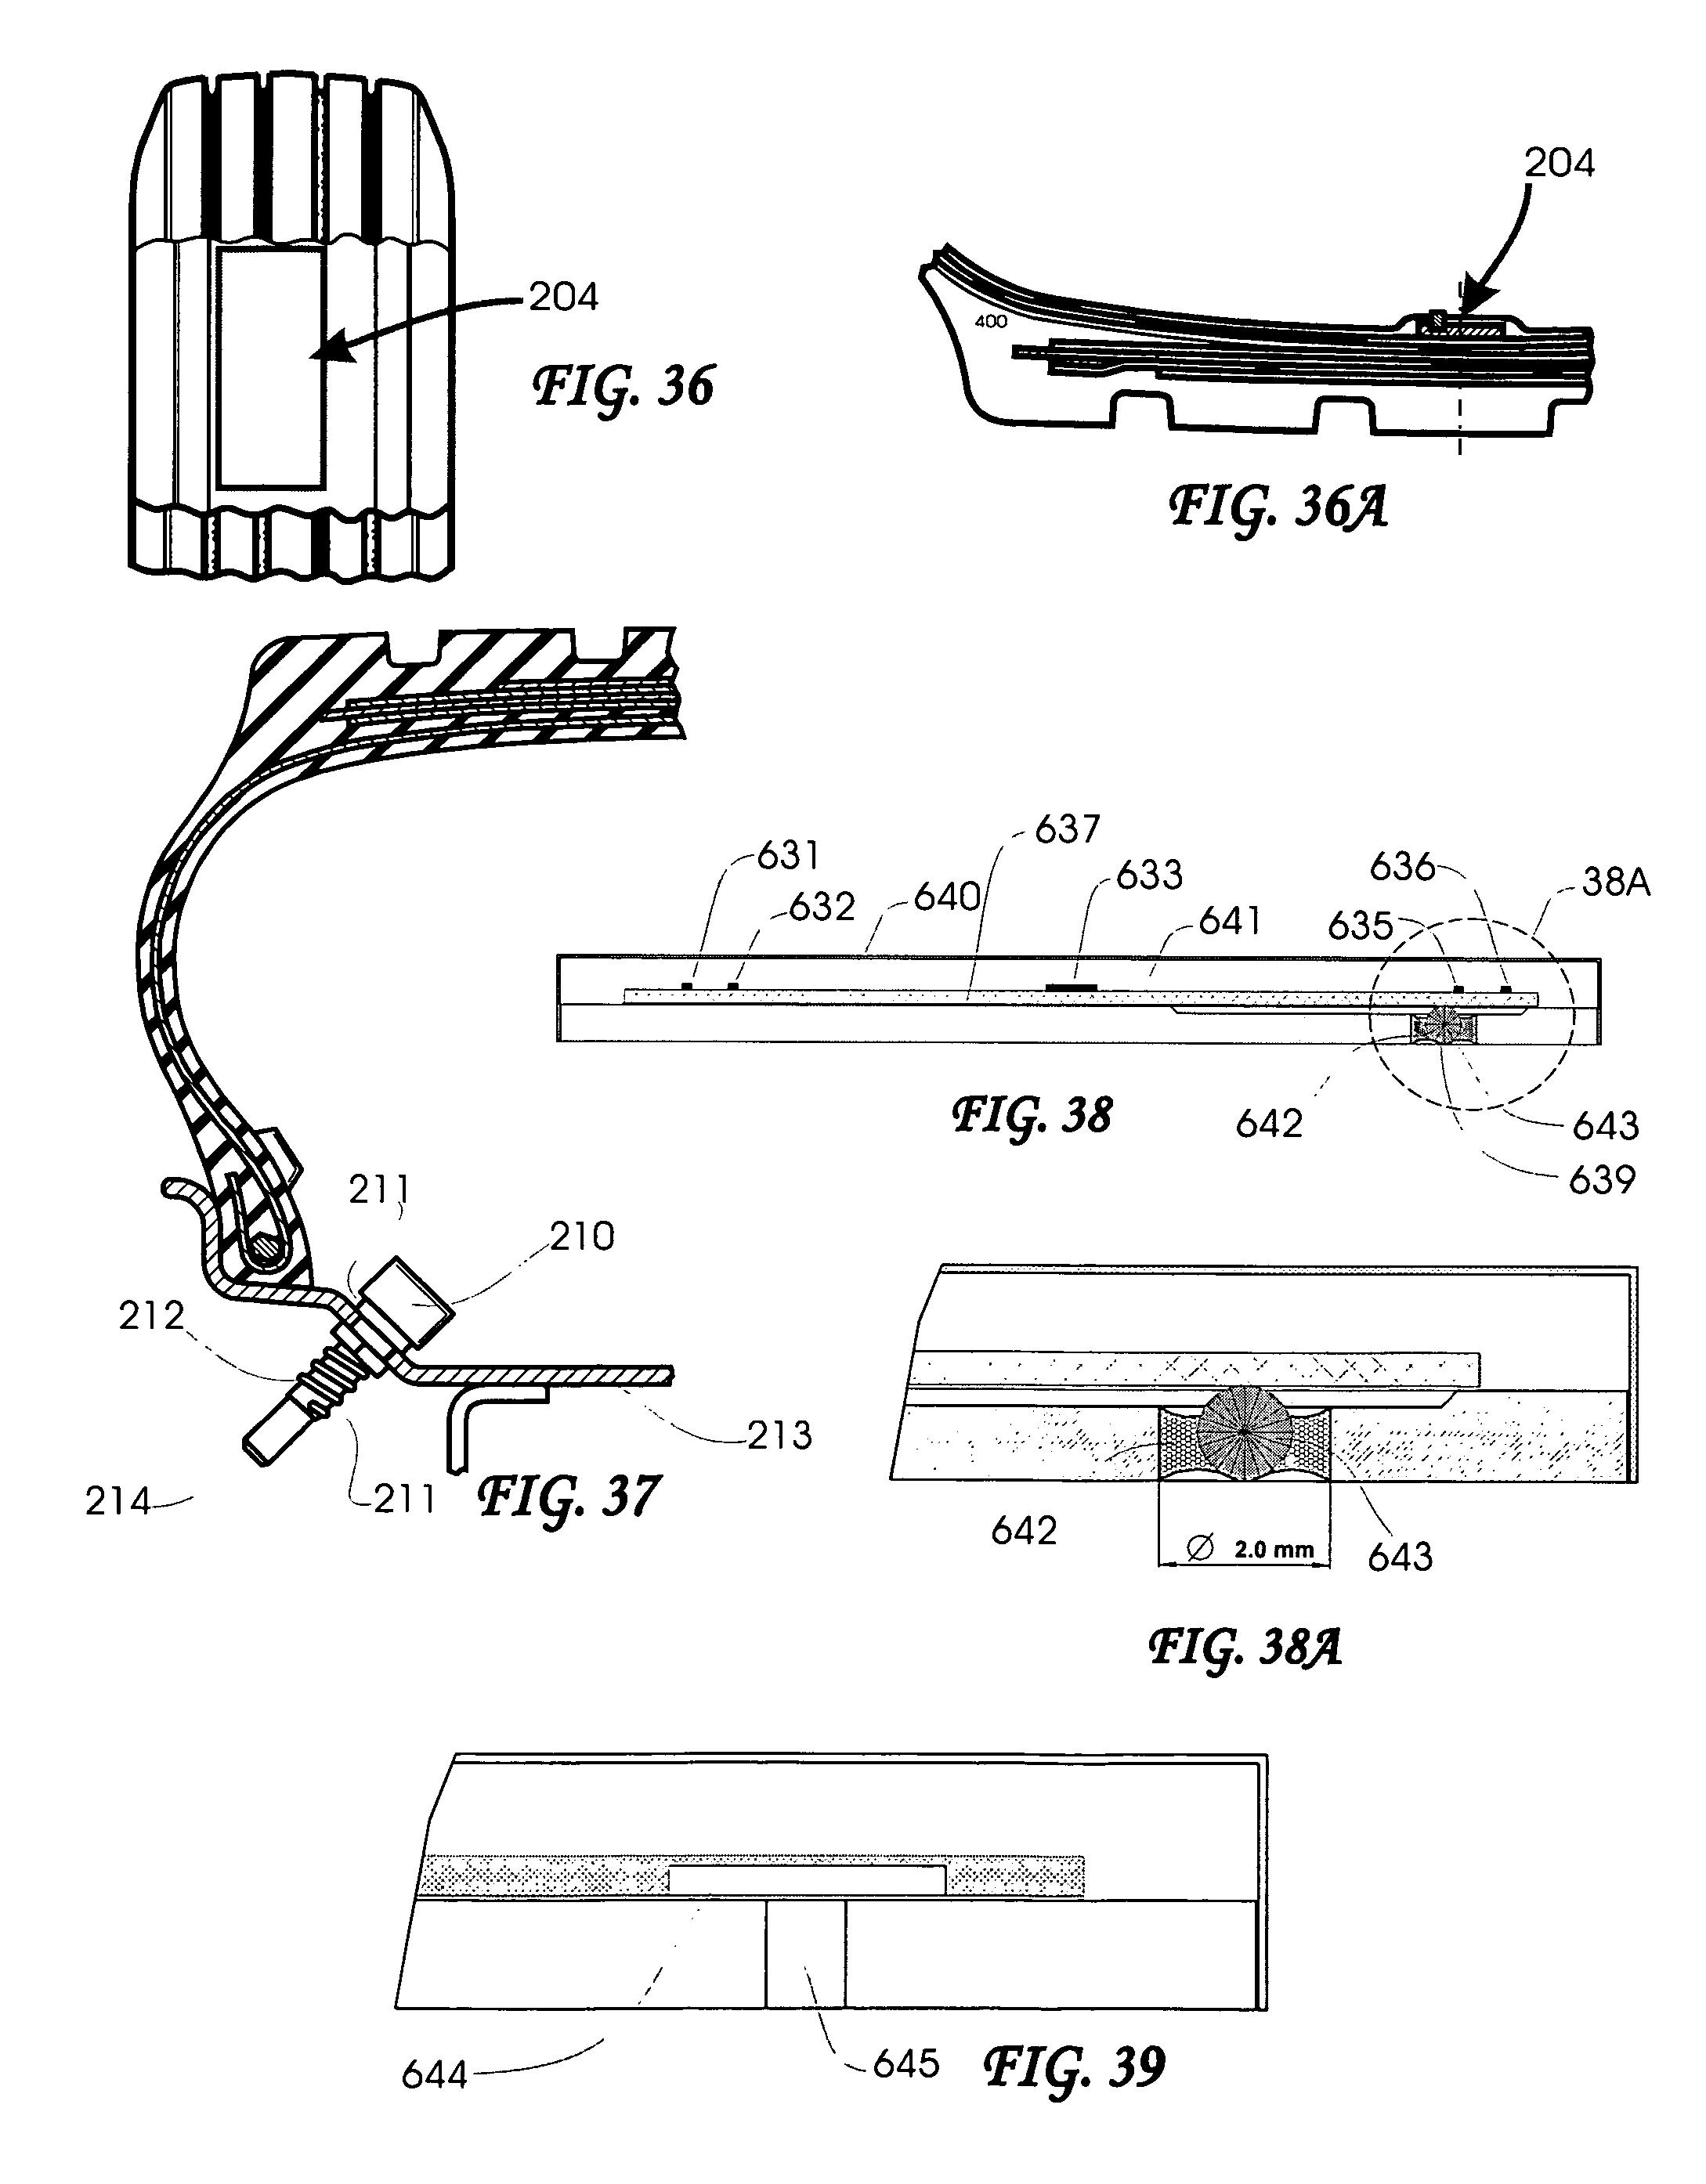 Sender Diagram On Tilt And Trim Wiring Diagram Also Key West Boat